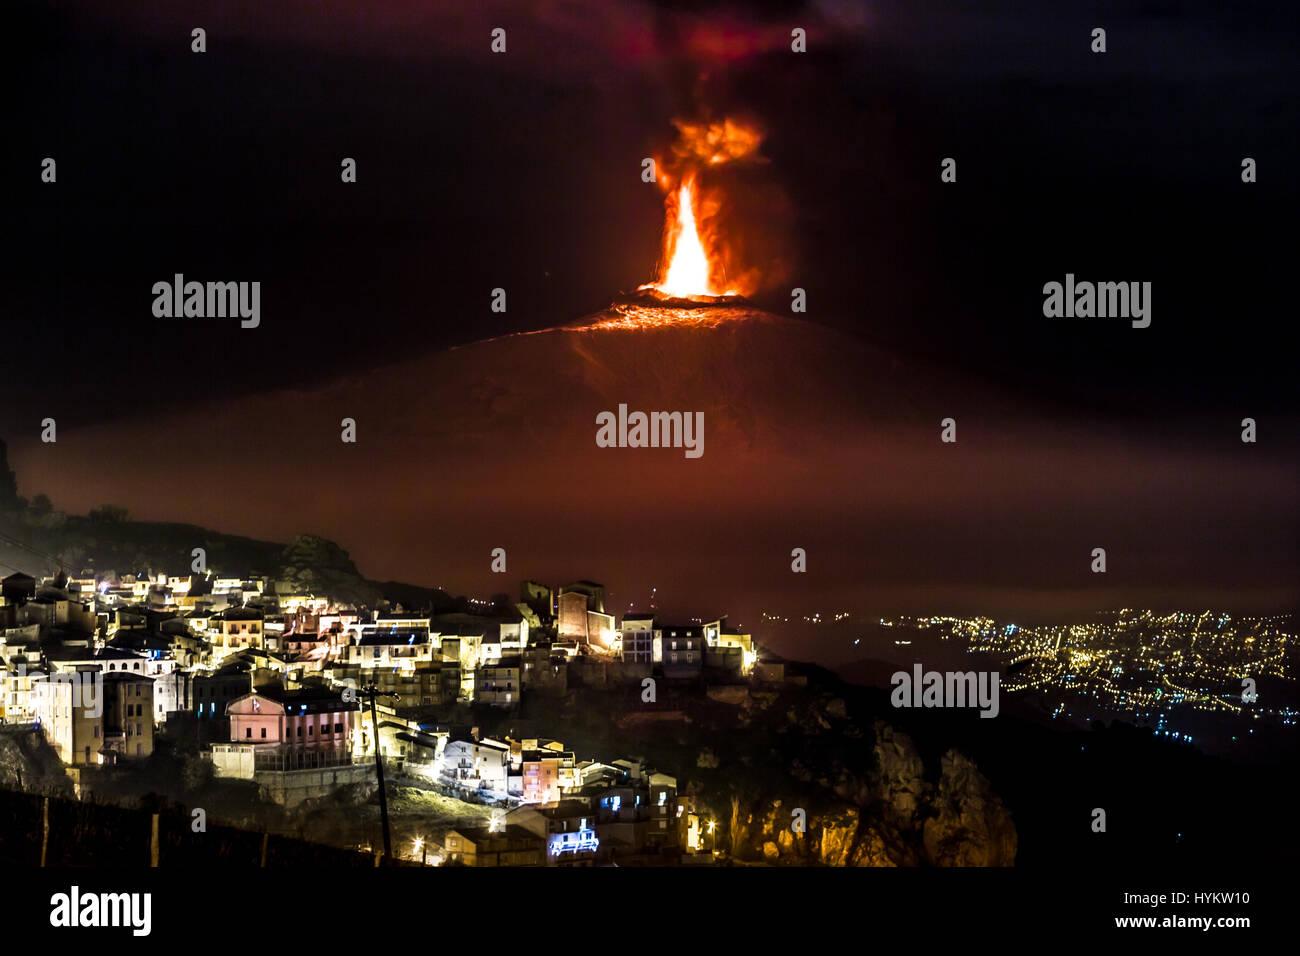 Messine, Sicile: une photo de nuit d'une éruption de l'Etna. Un champignon nucléaire-comme le dynamitage cloud de l'Etna en Sicile ont été capturé par un homme étonné. Rugissement de flammes et d'énormes panaches de fumée peut être vu pomper vers le haut de l'un des volcans les plus actifs. Les images montrent comment les résidents de Sicile vivent à l'ombre de ce monstre, la montagne qui mesure 11 000 pieds de hauteur et est l'endroit où le dieu romain du feu Vulcain, construit son atelier. Agent de Fernando Famiani Agriculture (51) de San Teodoro, Messine en Sicile cassé l'imposant M Banque D'Images